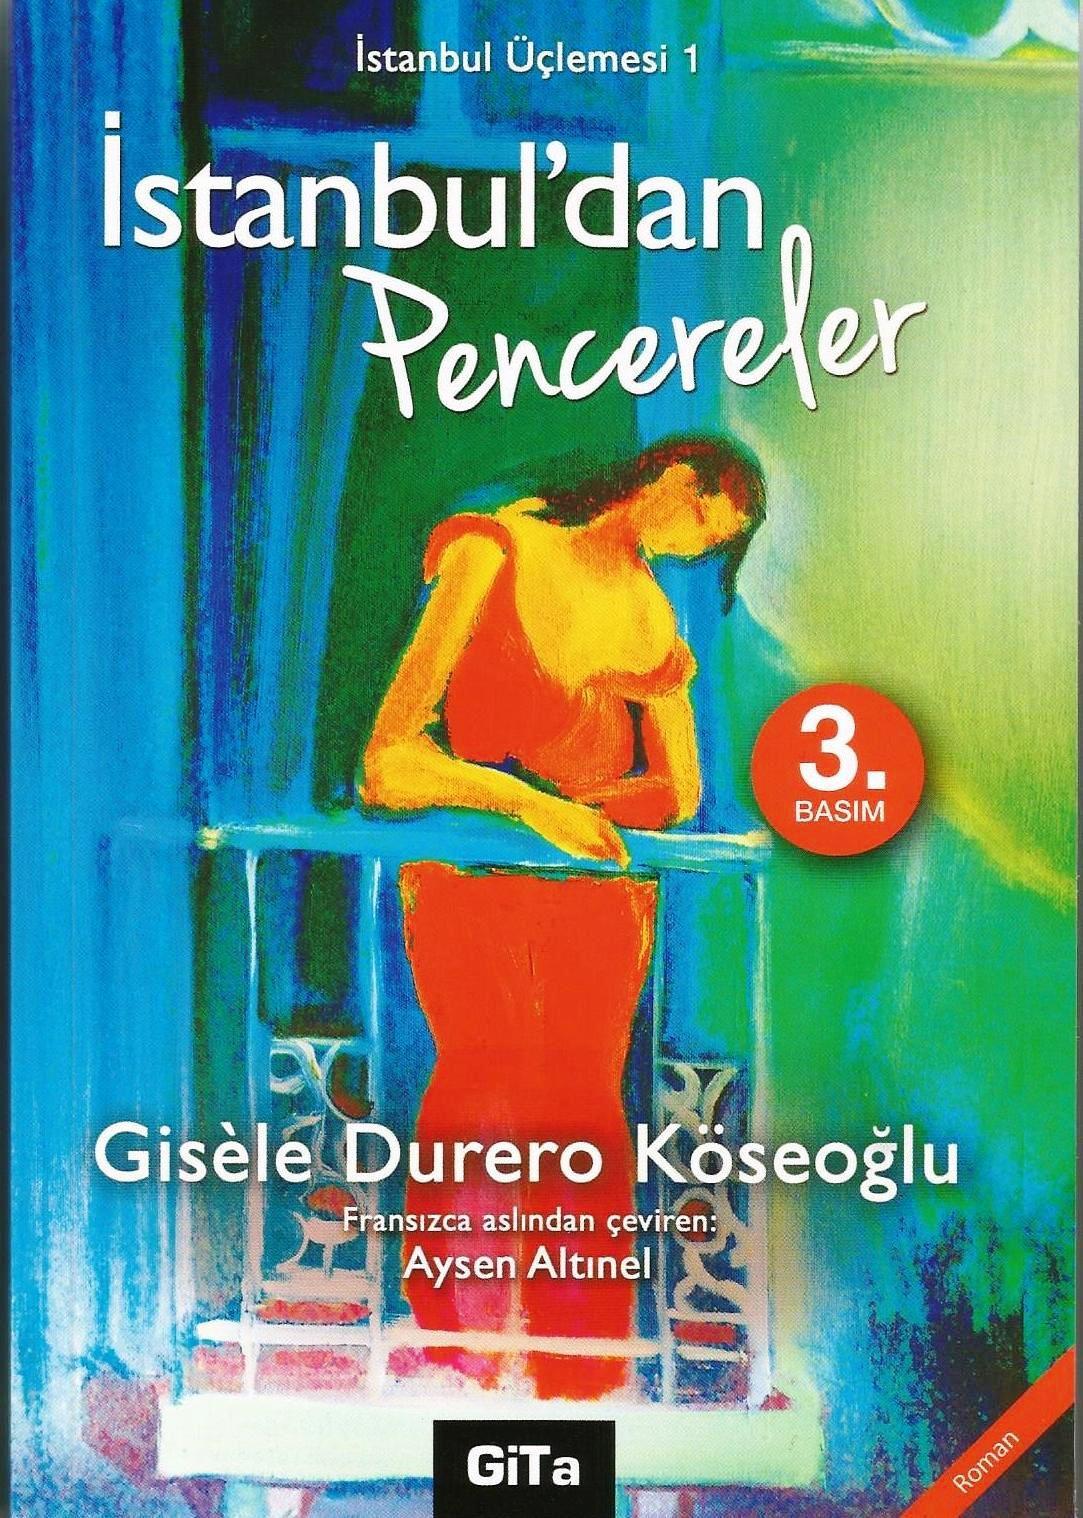 Edition de 2014 en turc